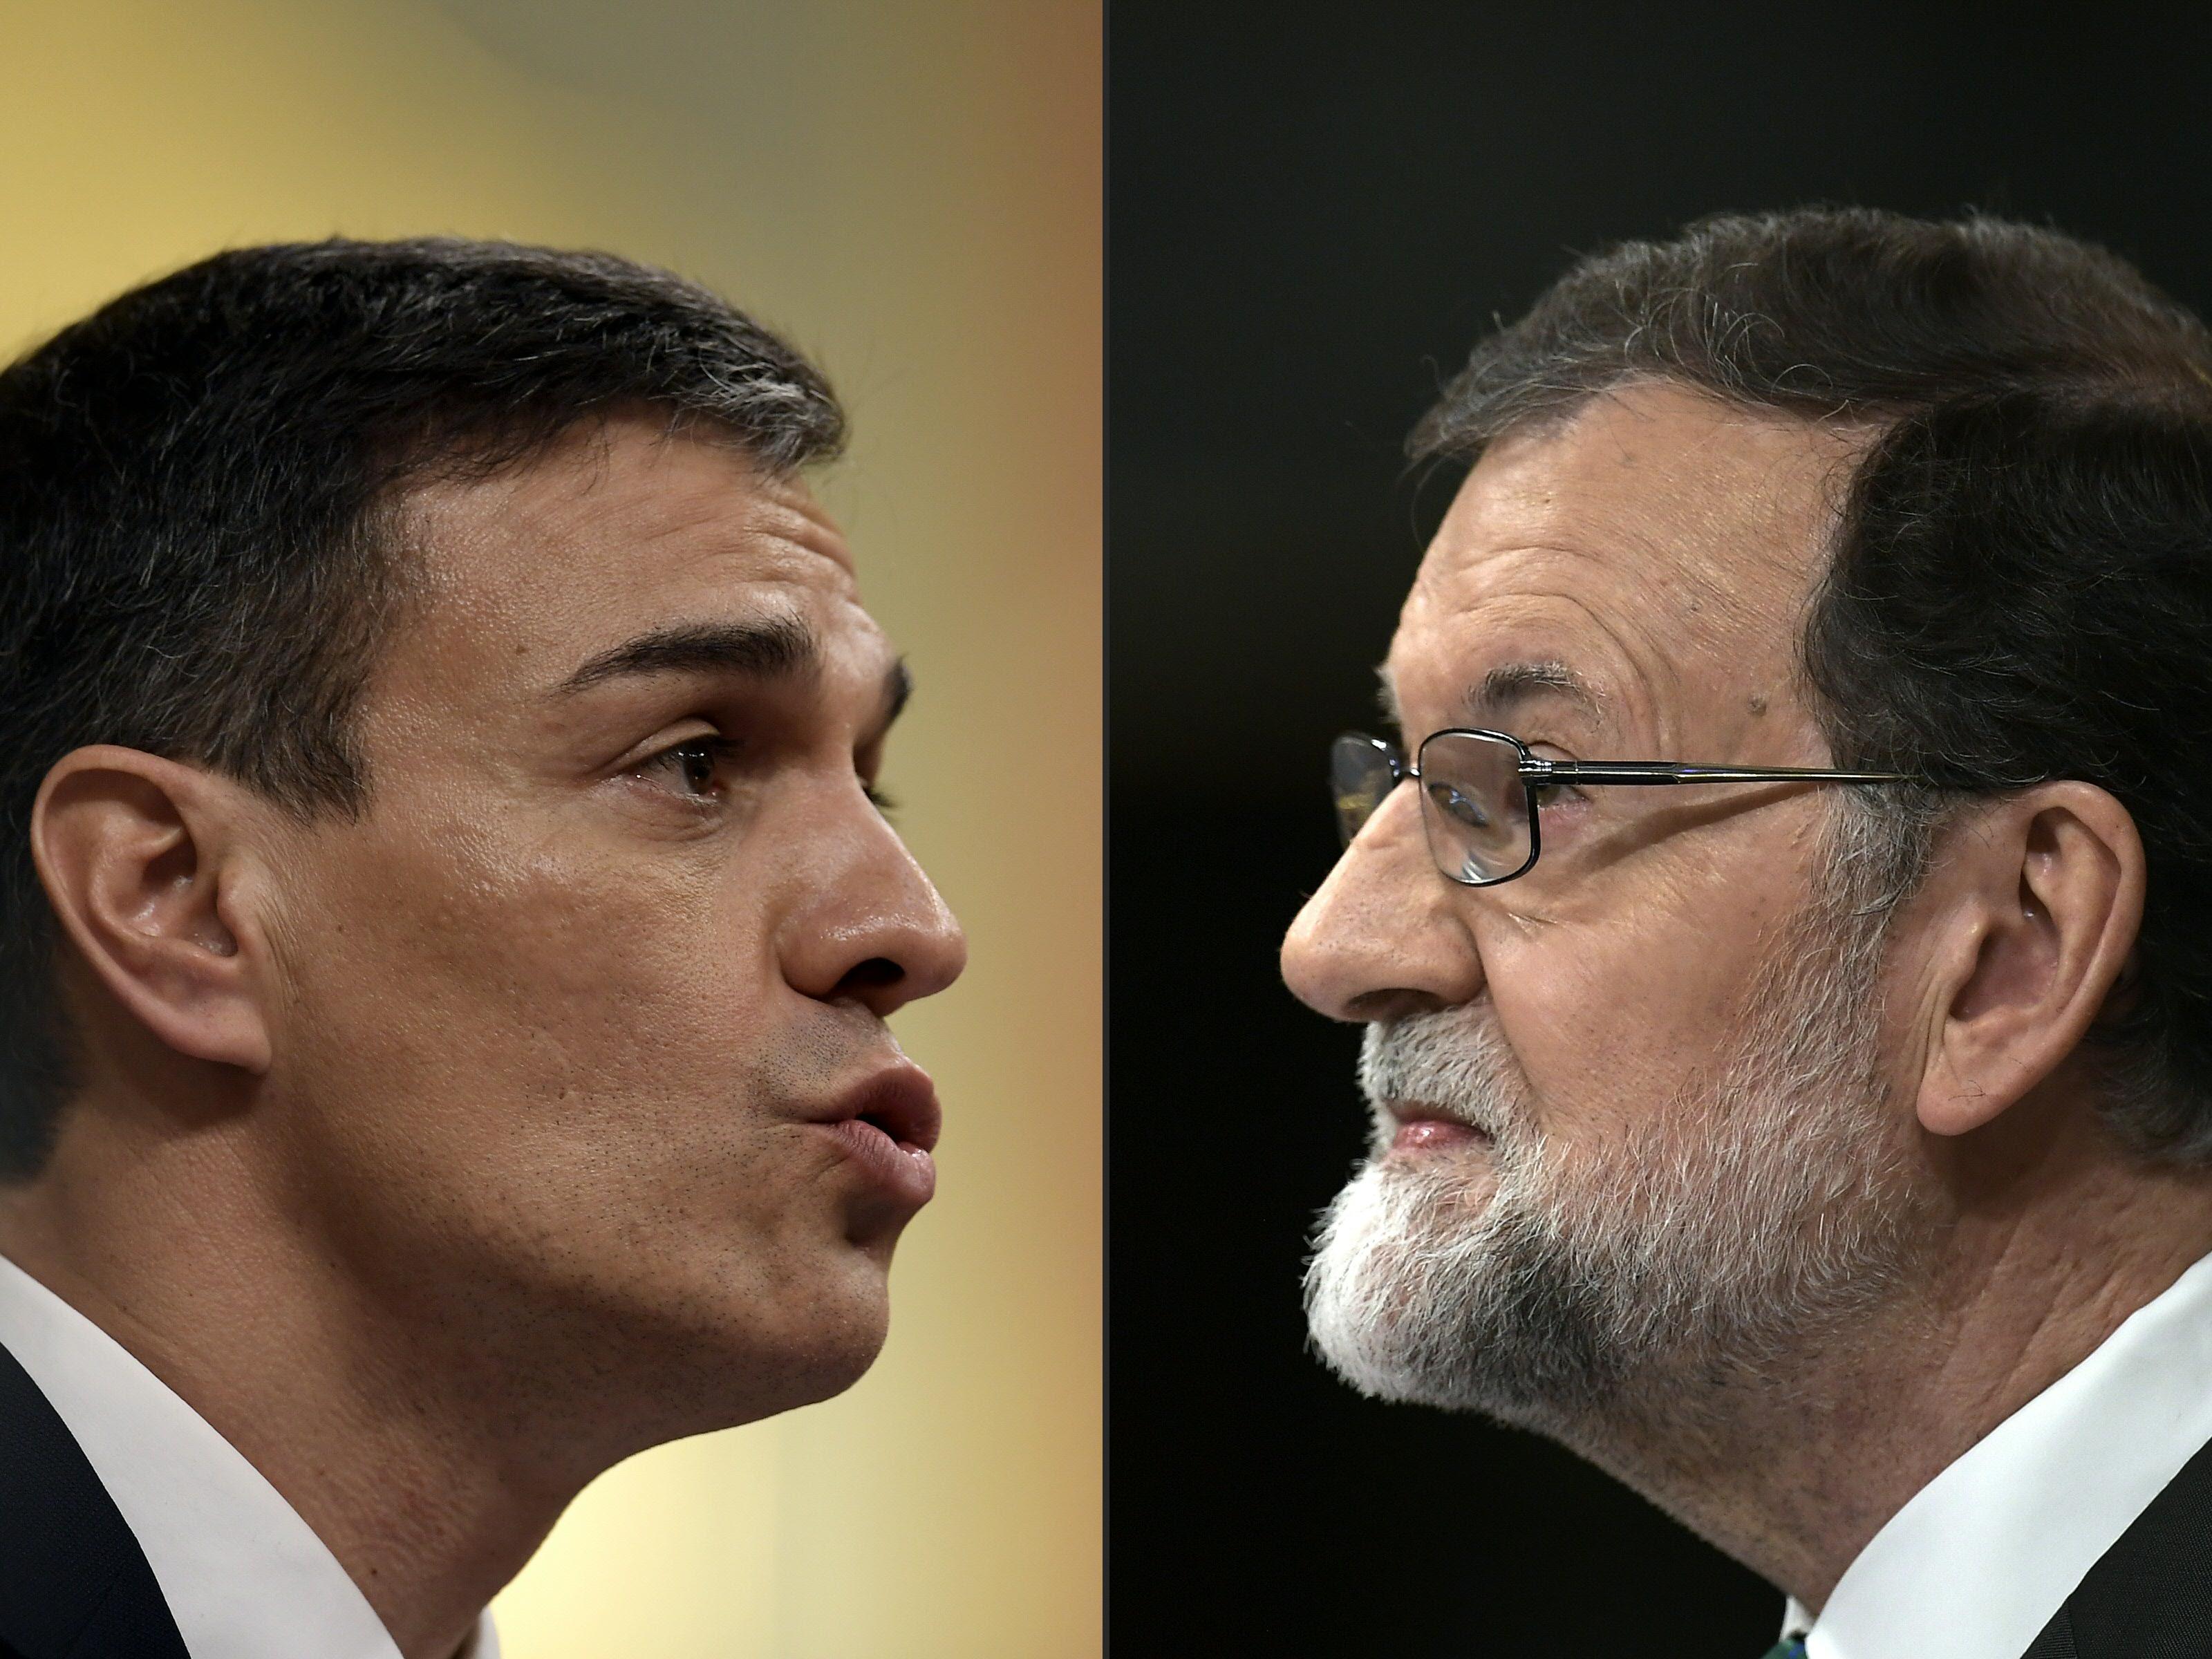 Döntött a spanyol parlament, mennie kell a miniszterelnöknek